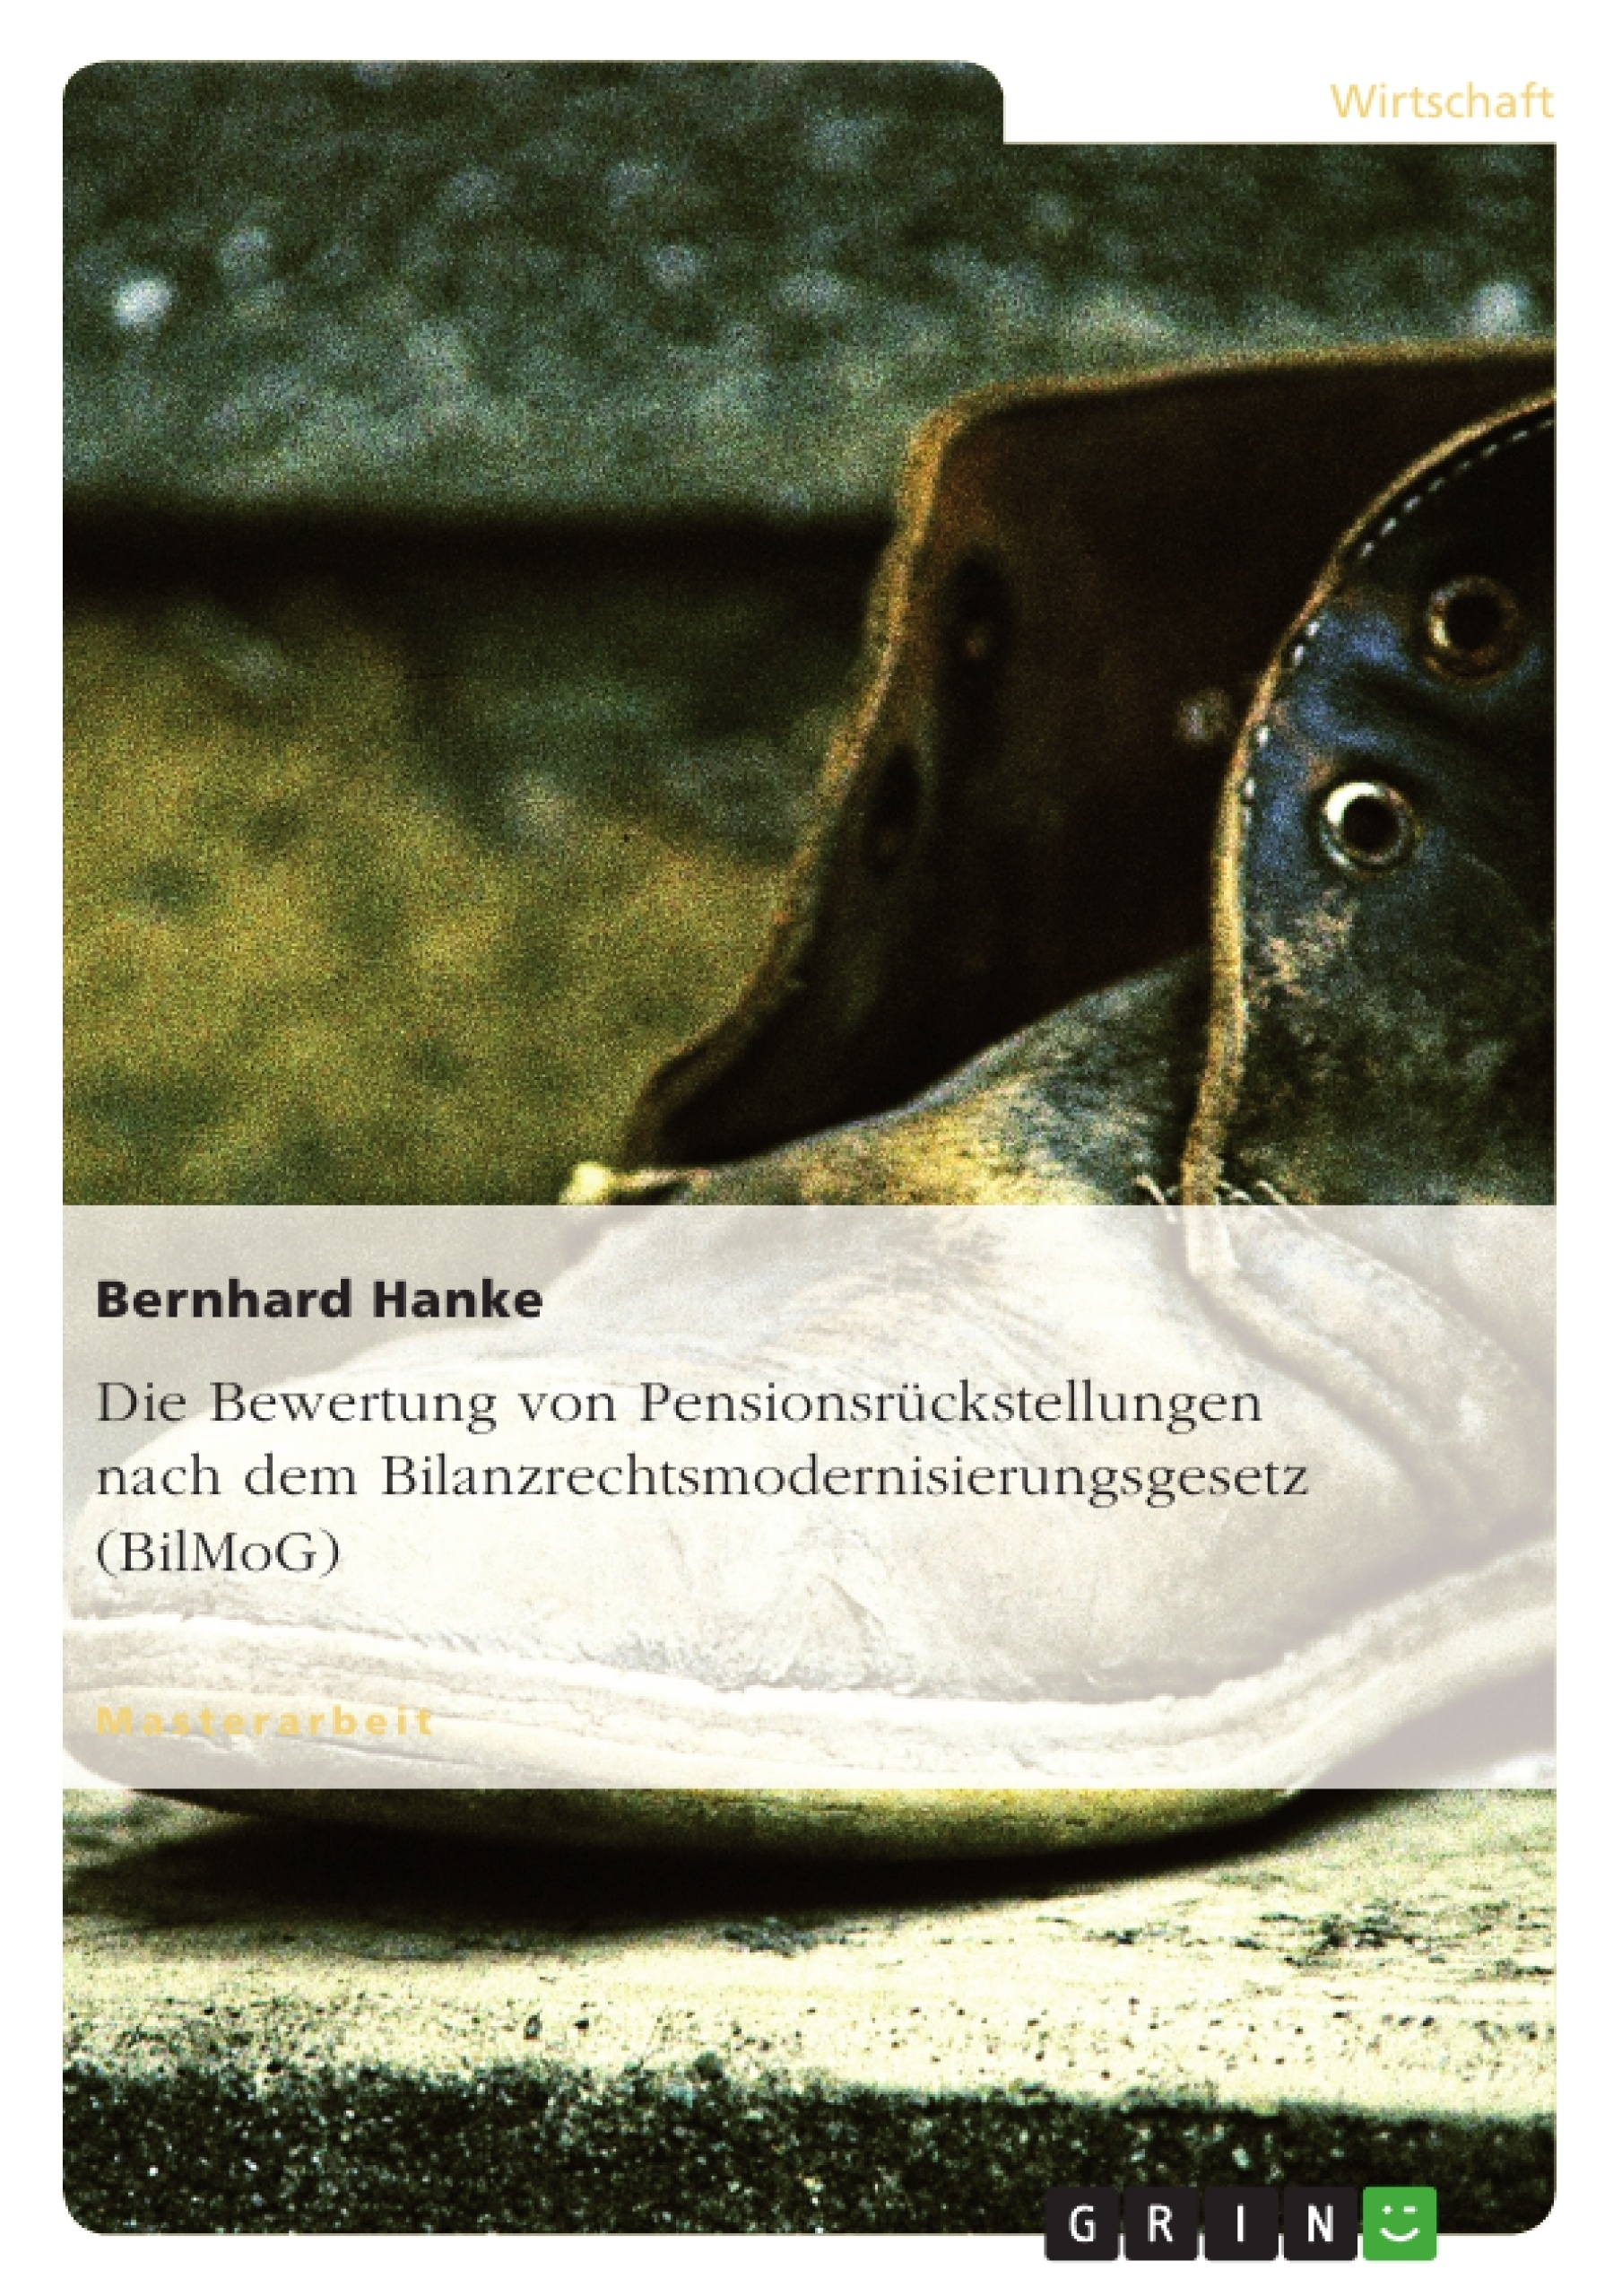 Titel: Die Bewertung von Pensionsrückstellungen nach dem Bilanzrechtsmodernisierungsgesetz (BilMoG)